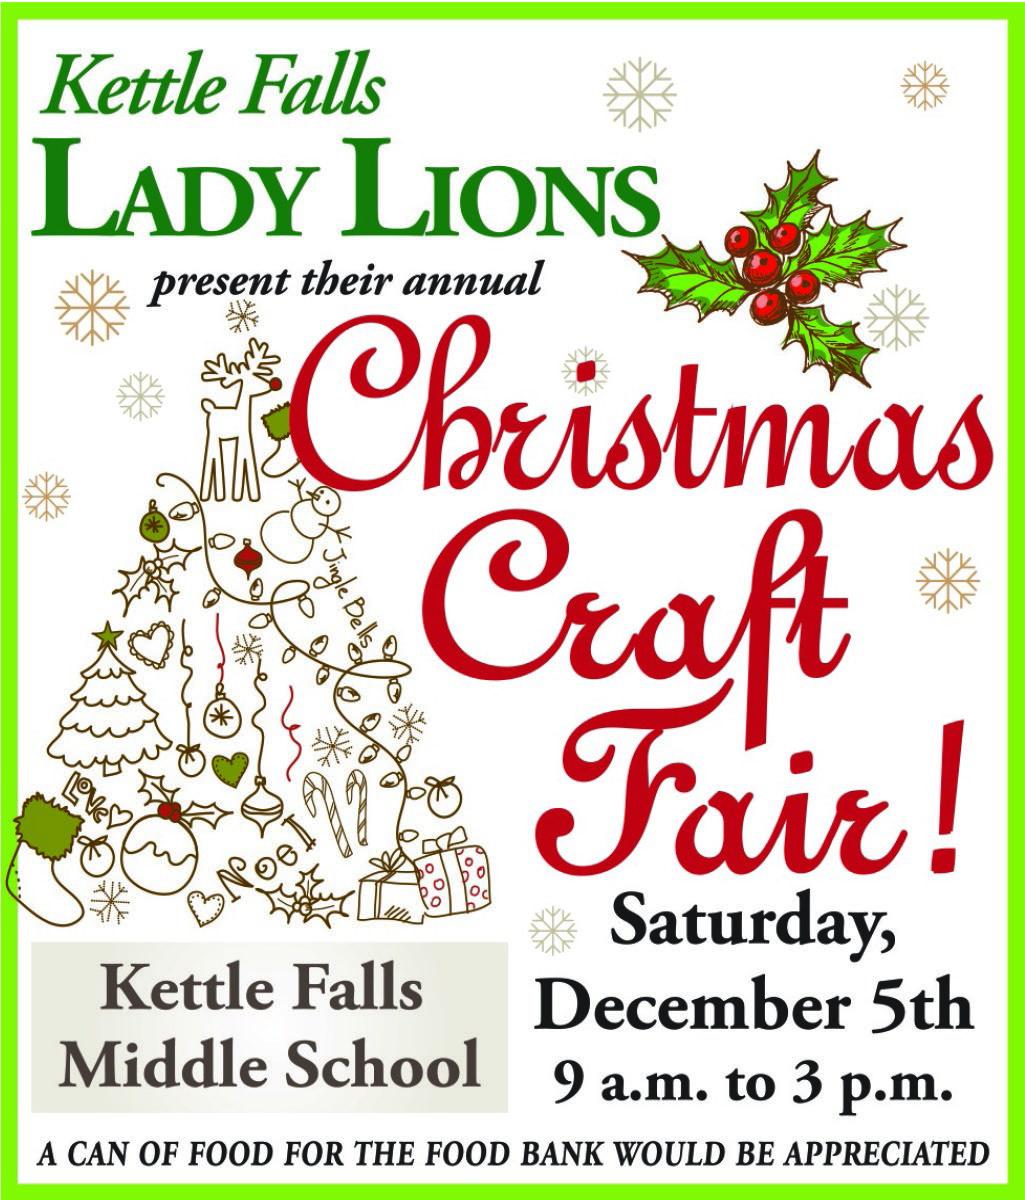 Lady Lions Club Craft Fair